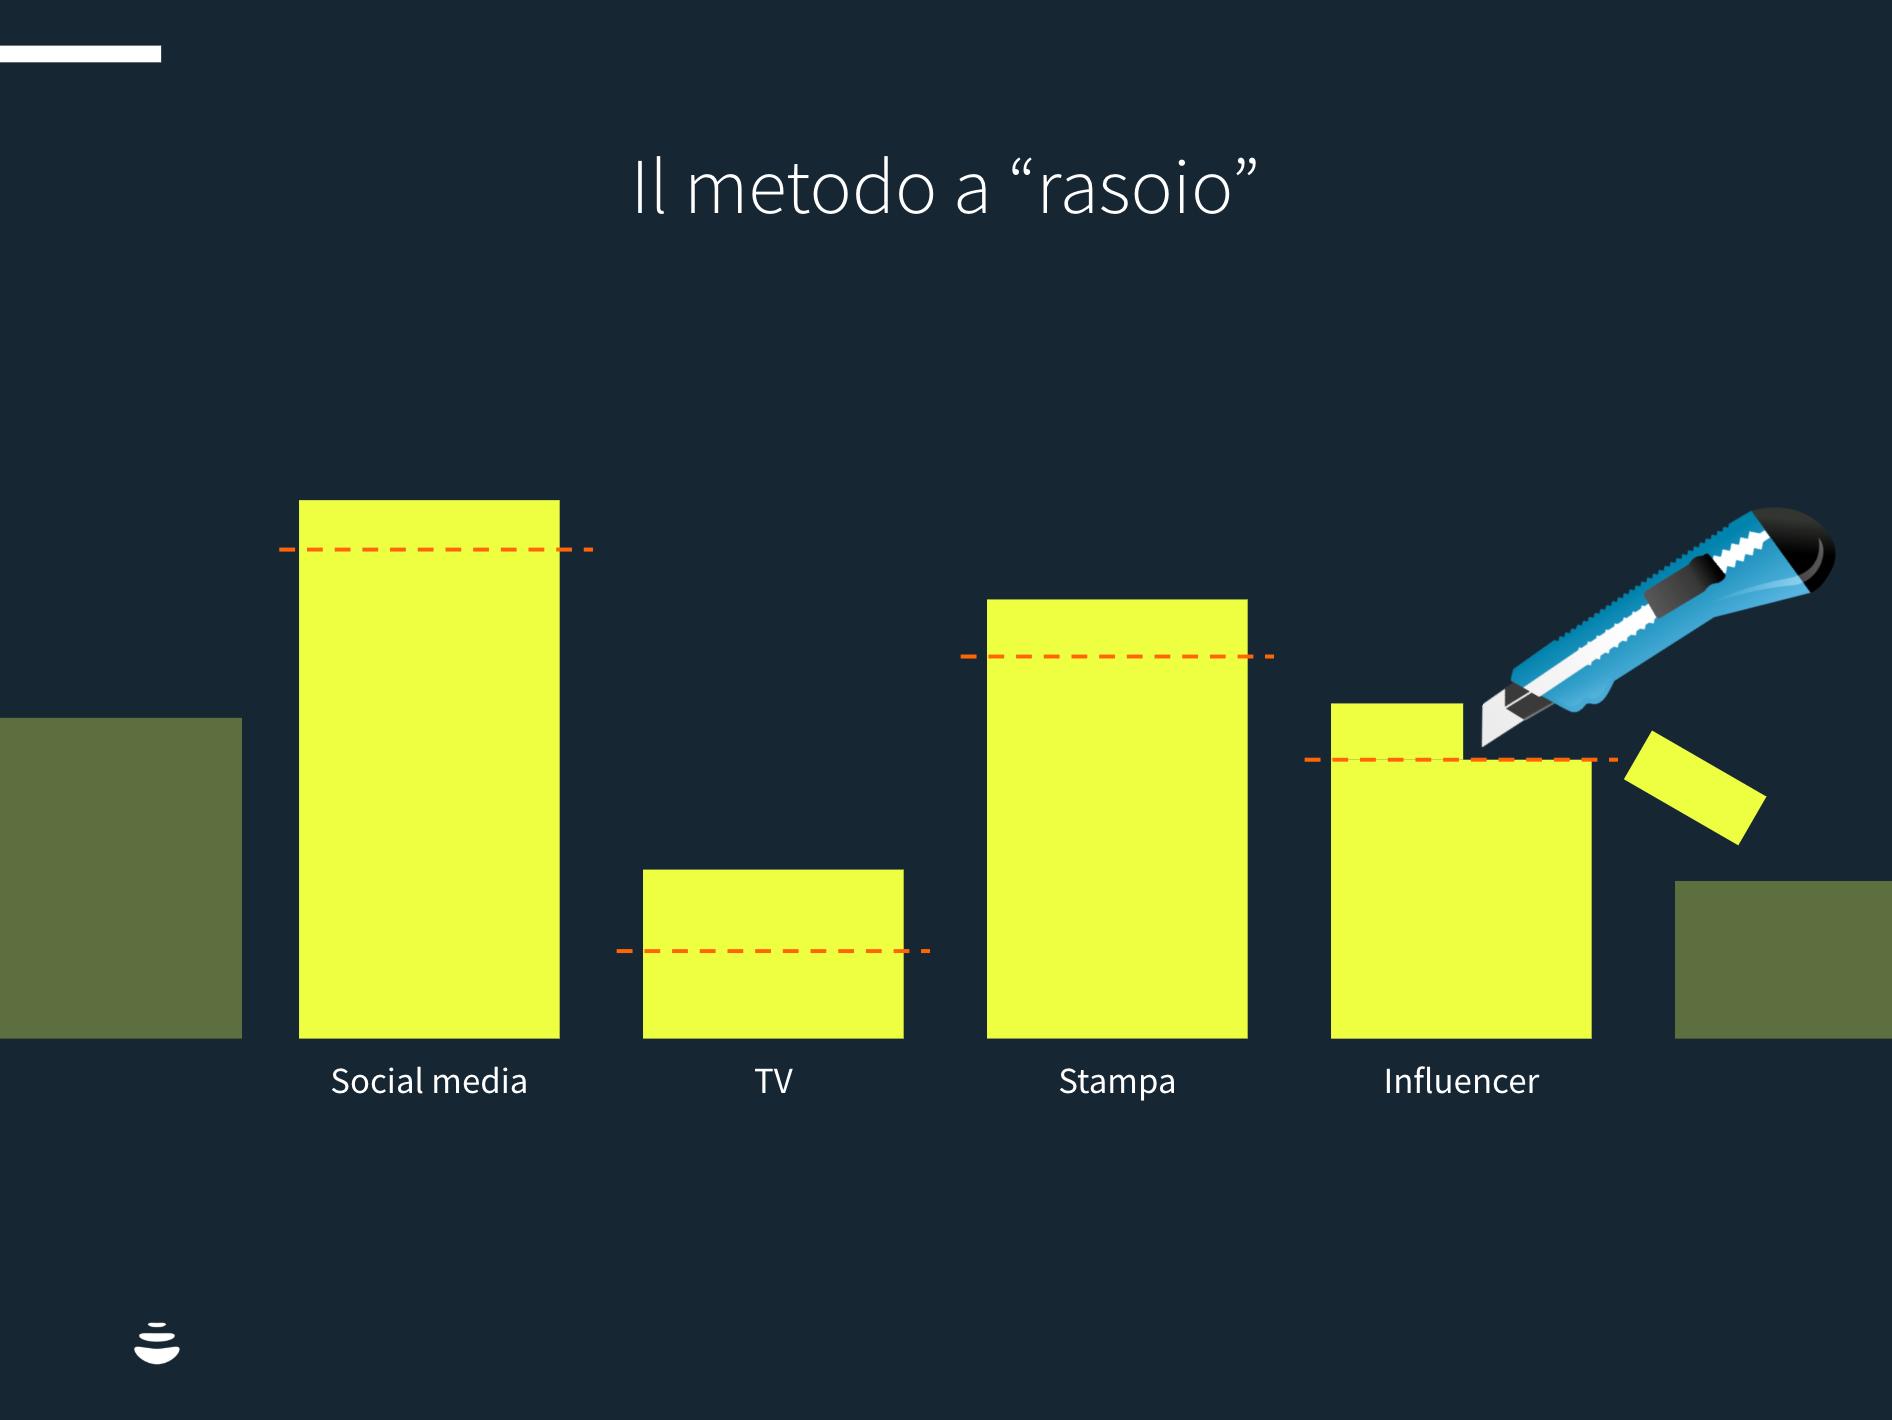 tagliare-budget-marketing-rischi-03